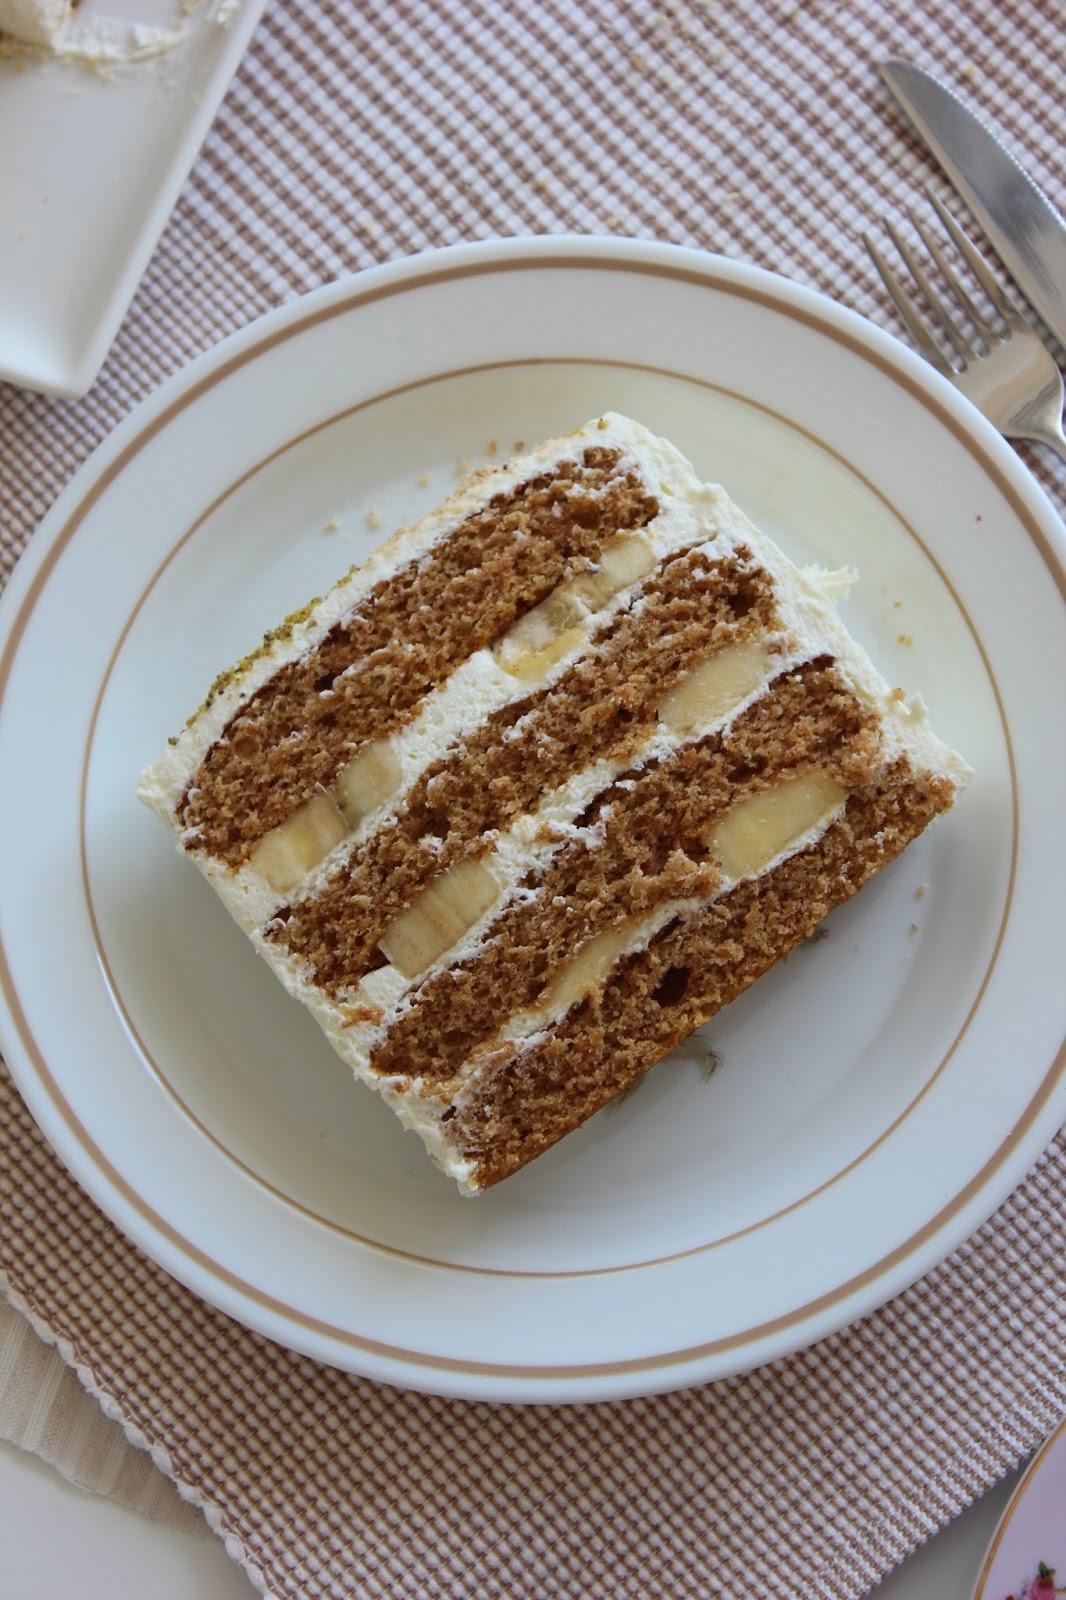 Balkabaklı Kavanoz Pastası